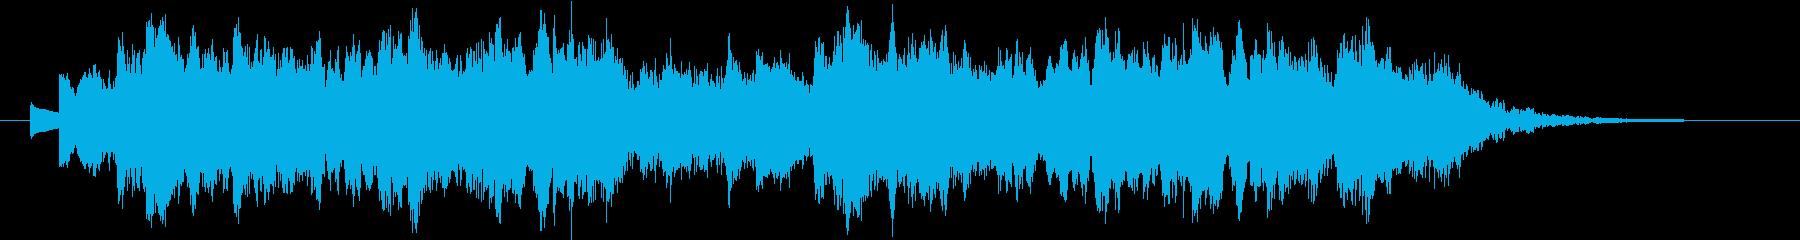 怪しくホラー感漂う、オルゴール曲の再生済みの波形